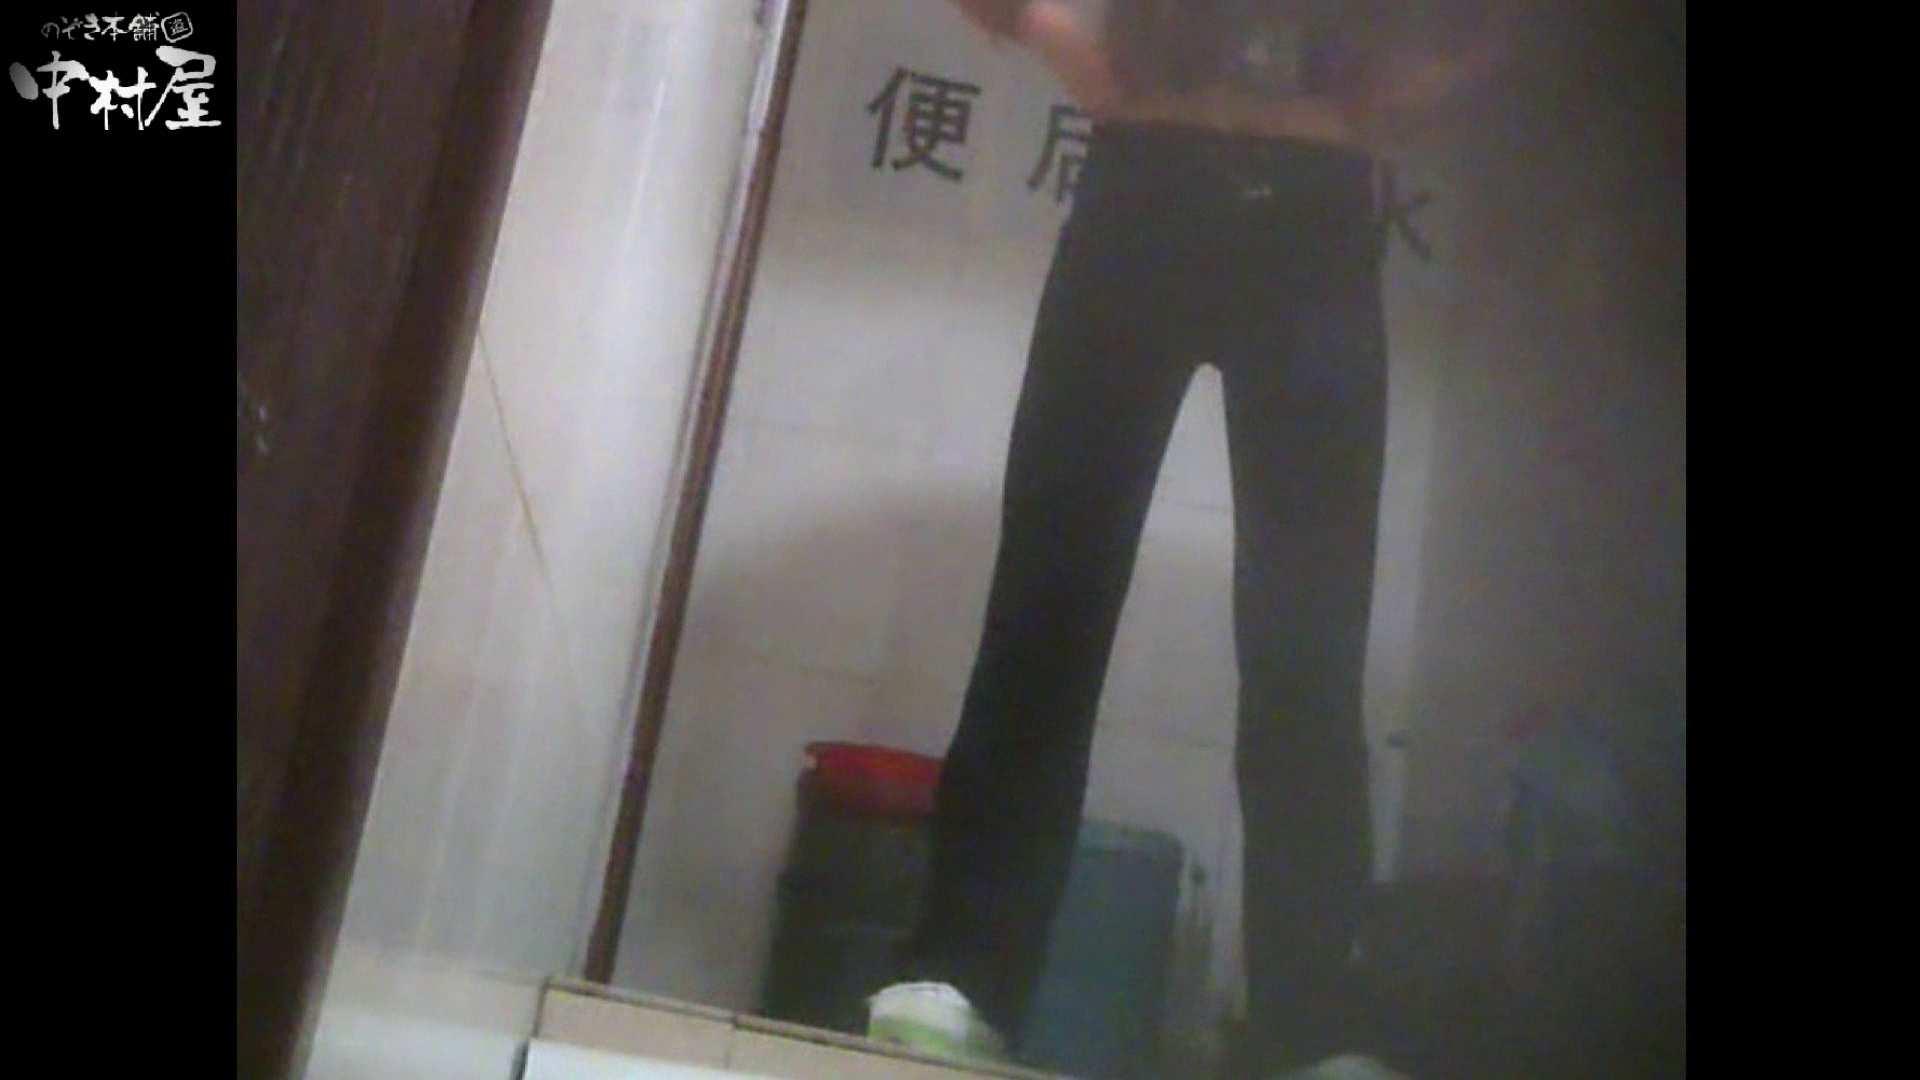 李さんの盗撮日記 Vol.03 ギャルエロ画像 オマンコ無修正動画無料 29PICs 2